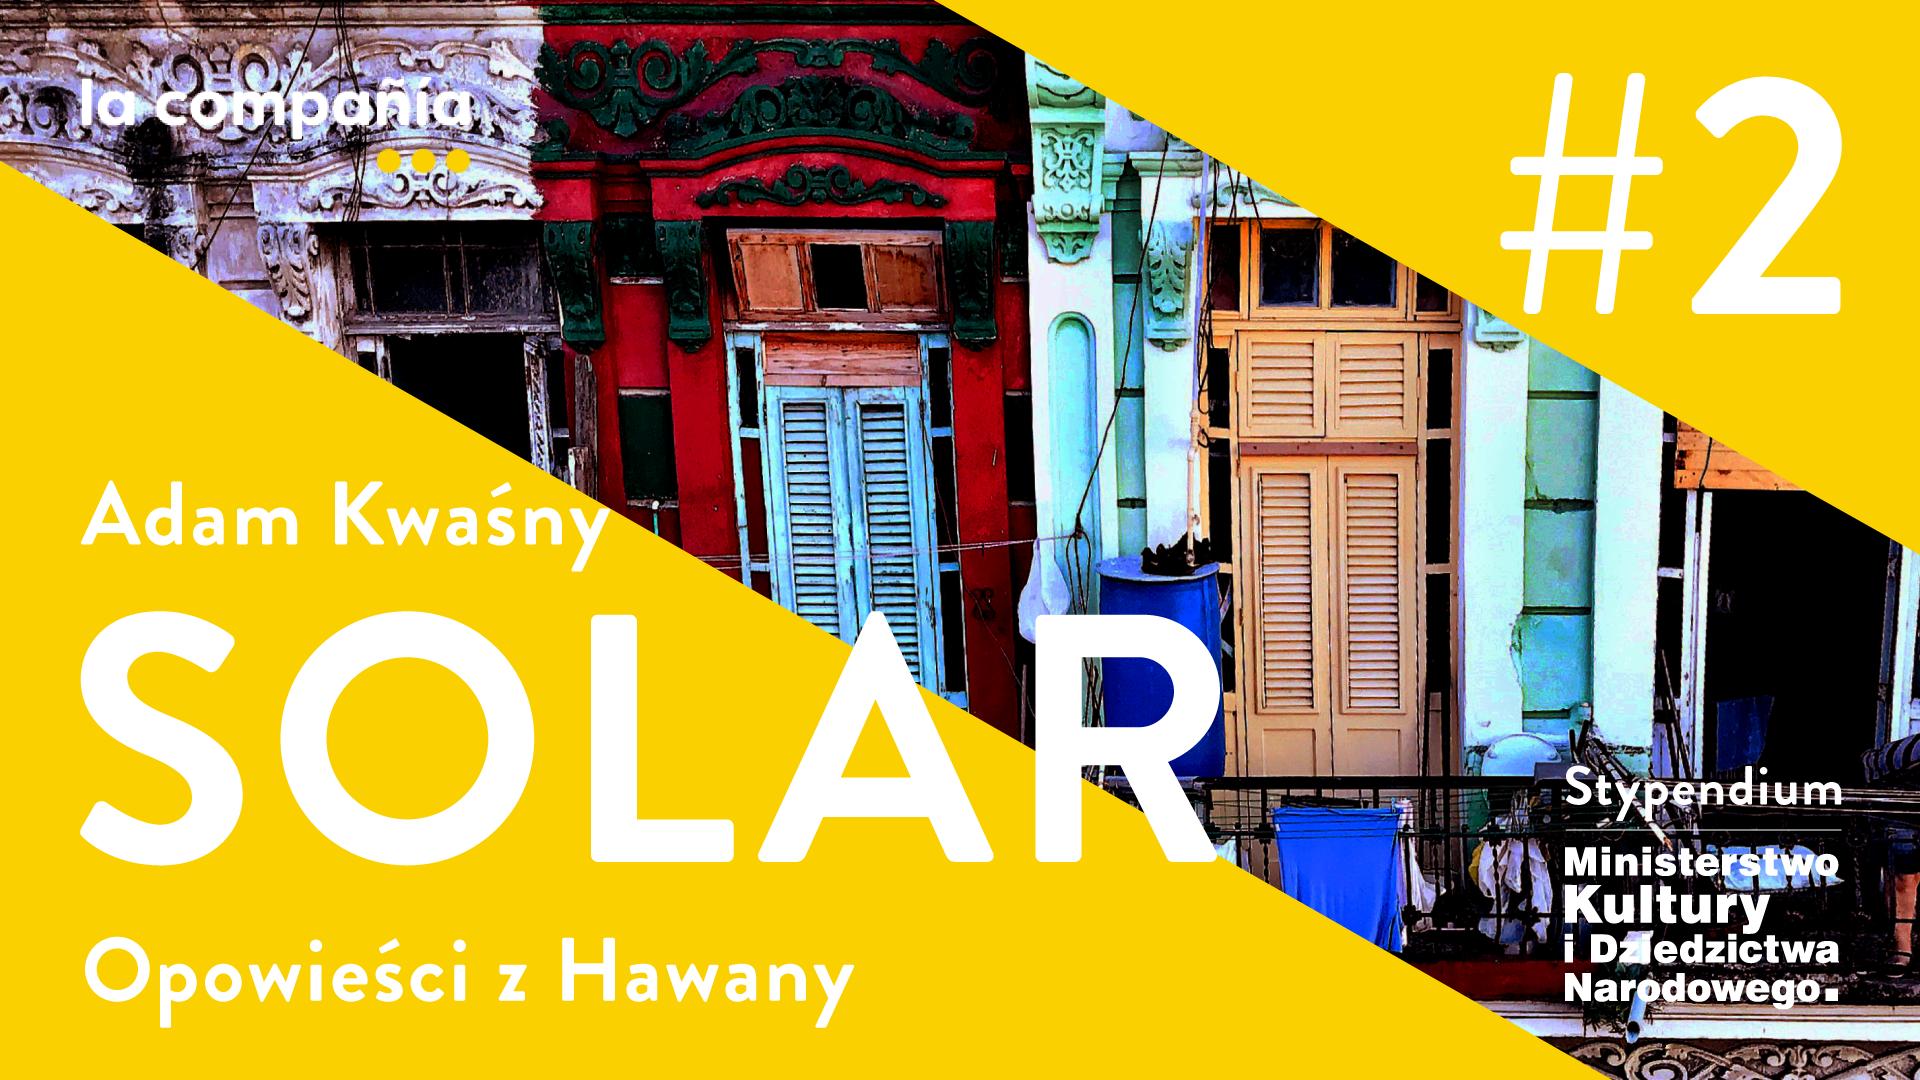 SOLAR Opowieści z Hawany. Rozdział 2